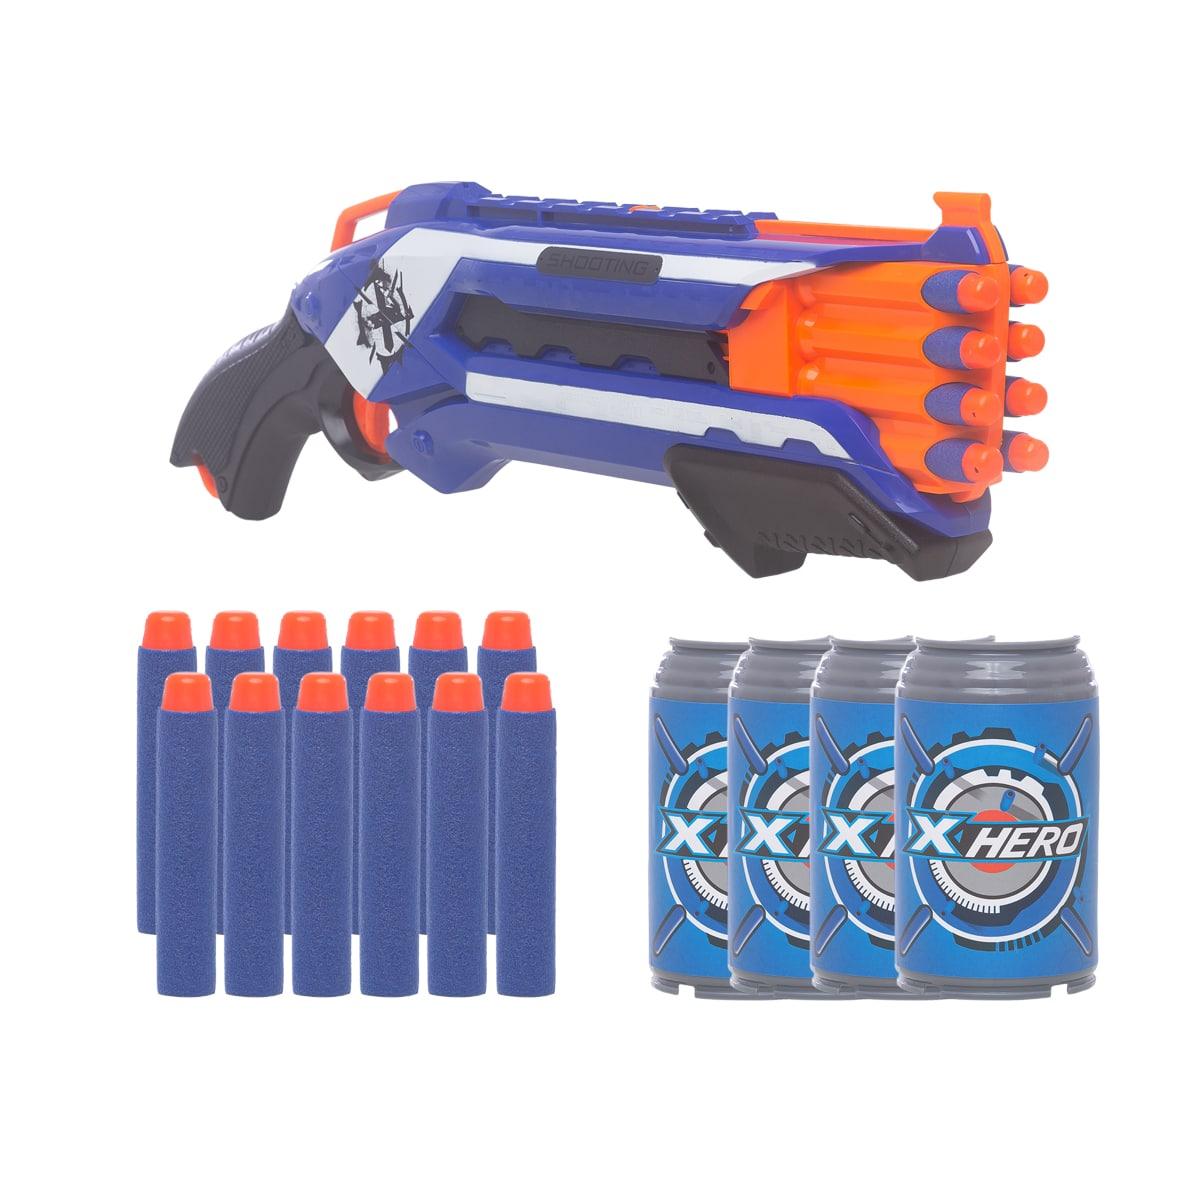 Pistola Lança Dardos Tipo Nerf  Espingarda 12 dardos + 4 Latinhas Alvo Hero